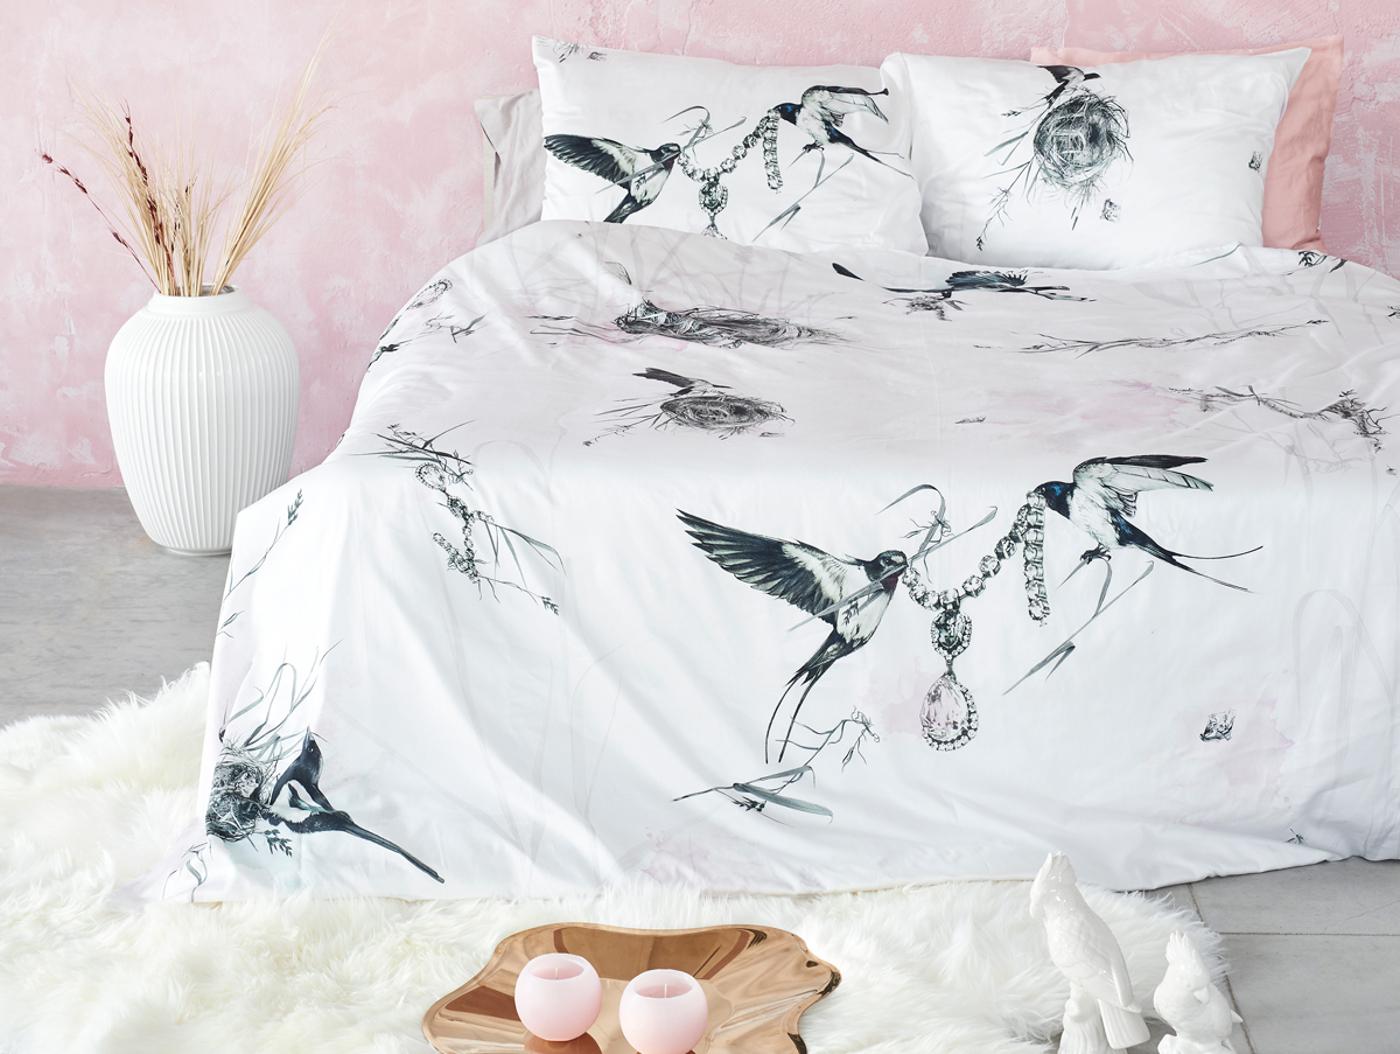 b850eaa89c0 Kuidas valida ja hooldada voodipesu? Erinevate materjalide omadused    Kodus.ee